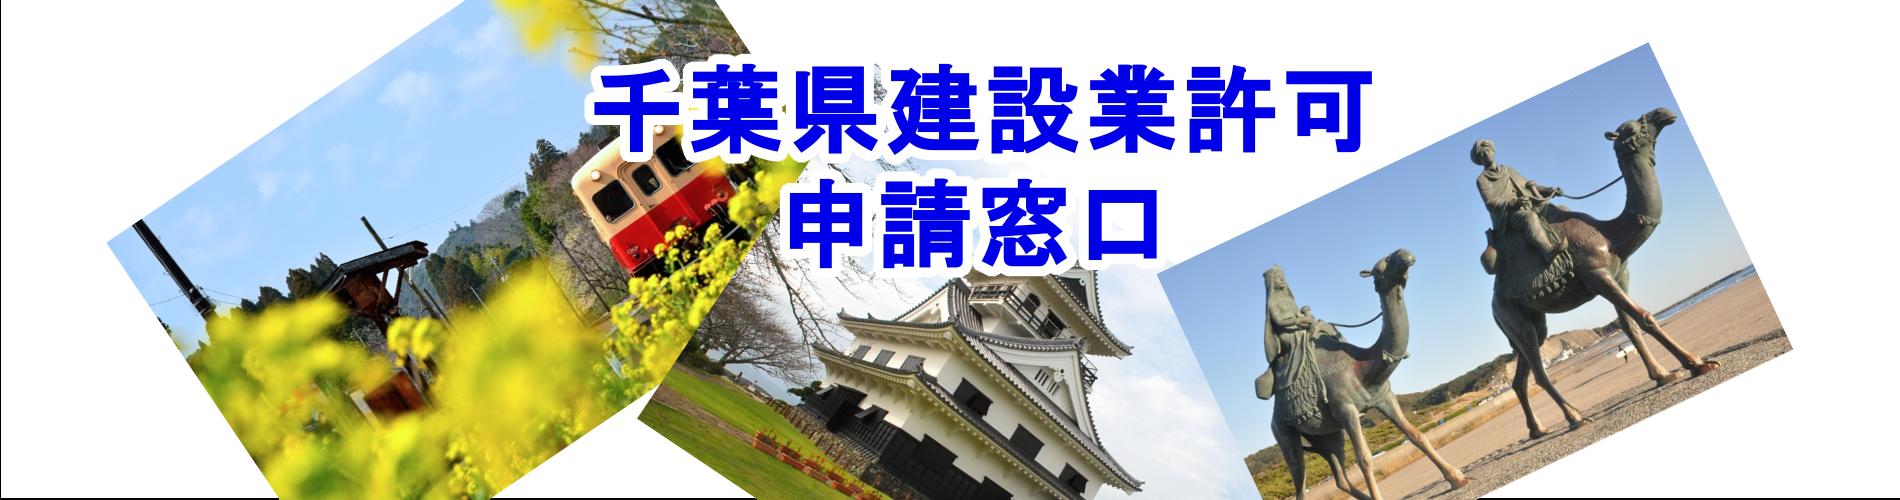 千葉県建設業許可申請窓口